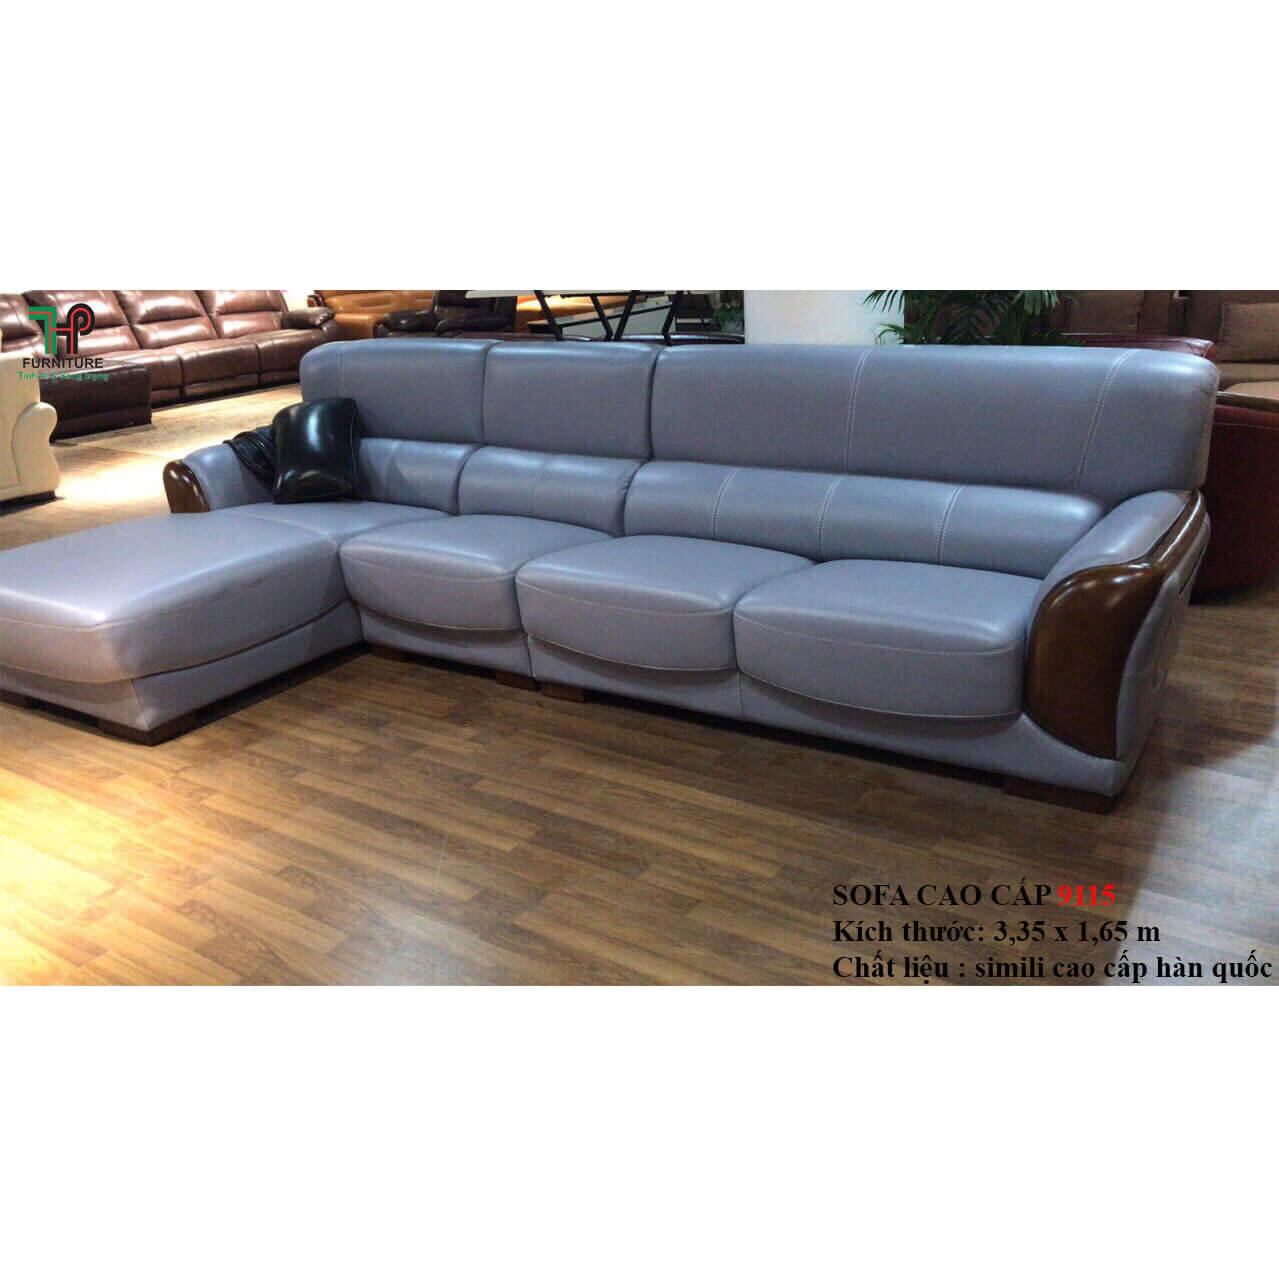 Sofa-nhap-khau-cao-cap.jpg